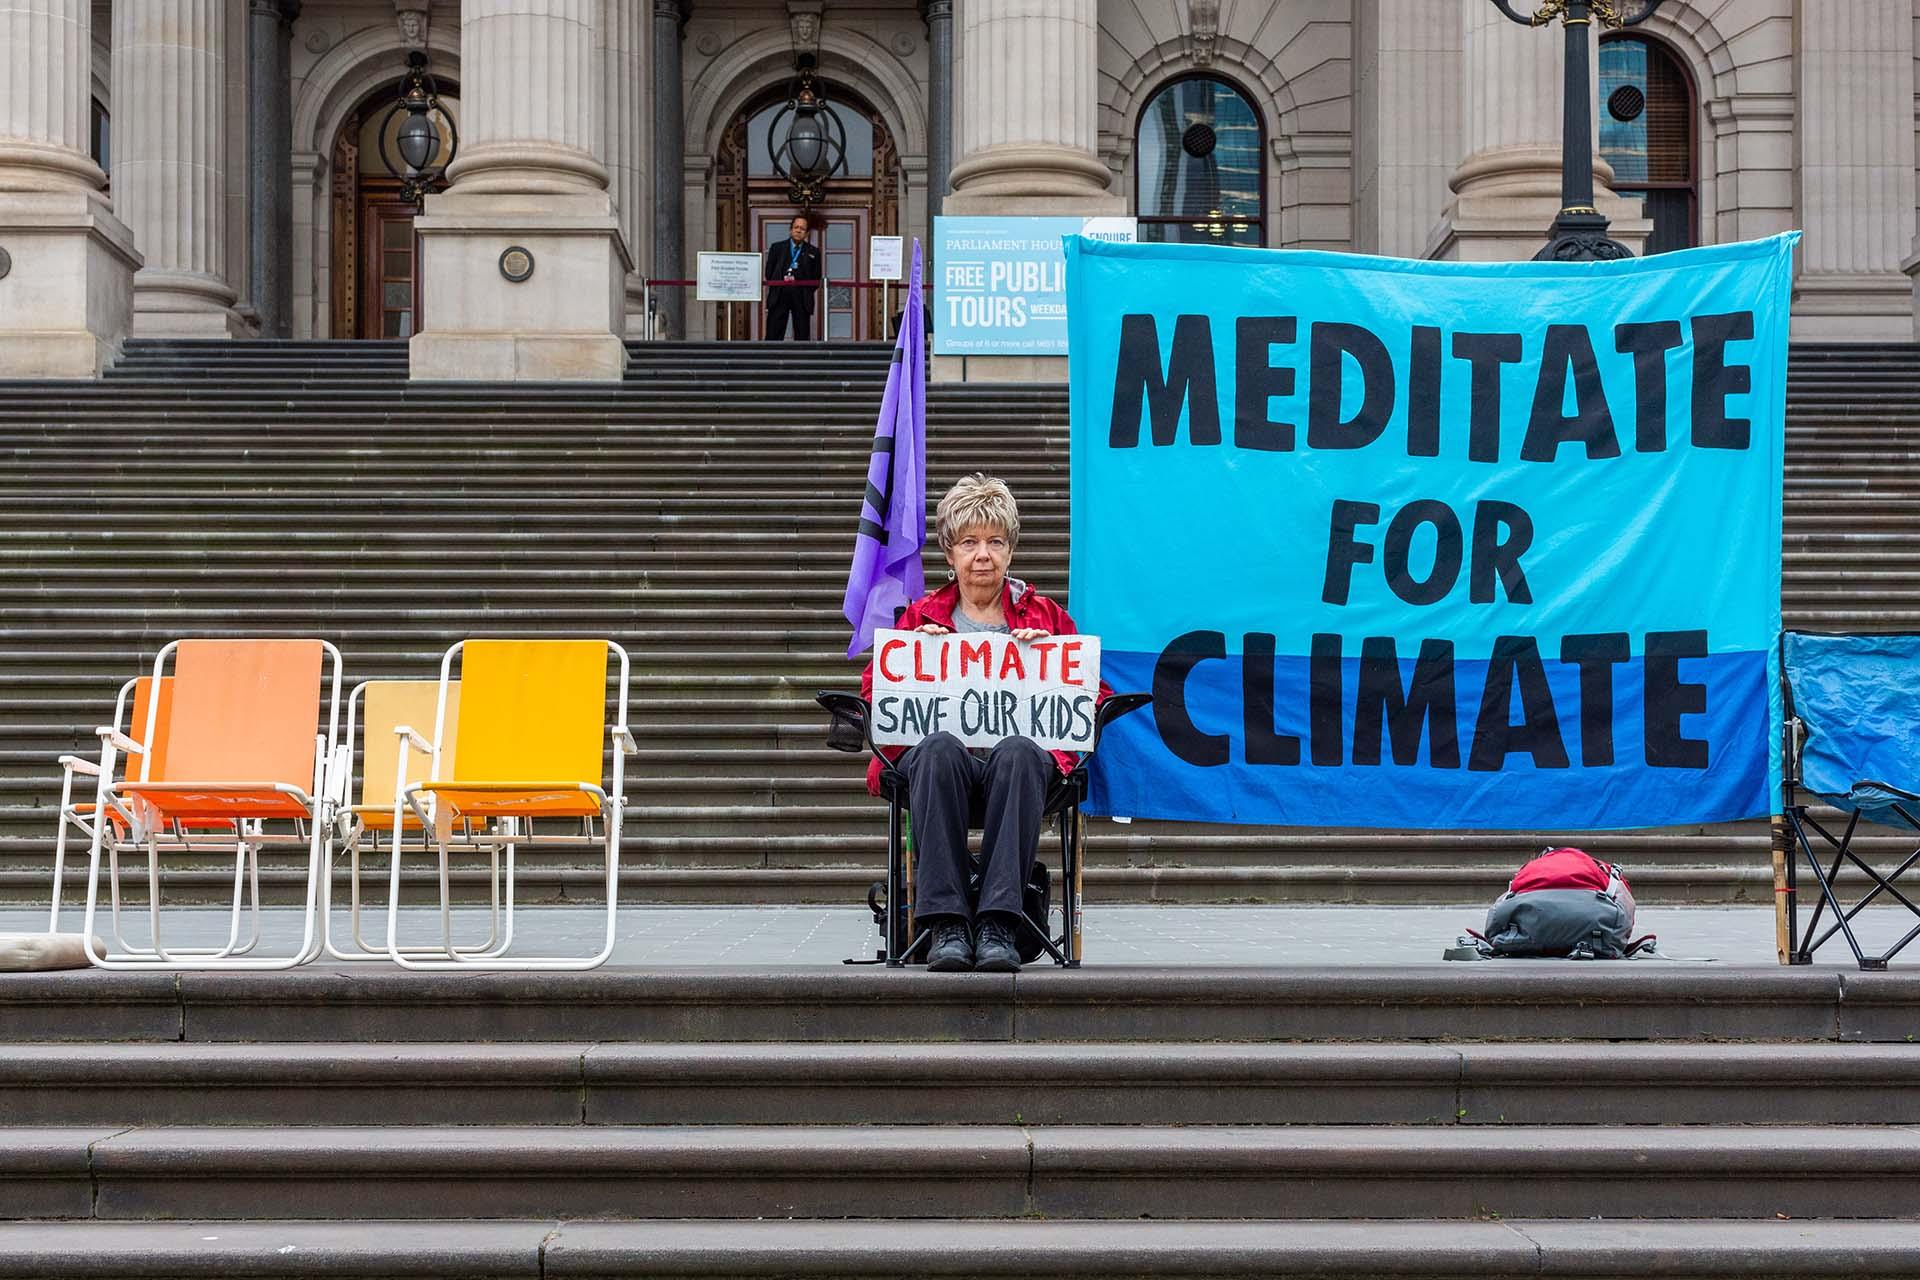 Los activistas de la Rebelión de la Extinción comenzaron a reunirse en ciudades de Australia y Nueva Zelanda el 7 de octubre para comenzar una quincena de desobediencia civil global que exige que los gobiernos tomen medidas urgentes sobre el cambio climático. (Foto por ASANKA BRENDON RATNAYAKE / AFP)